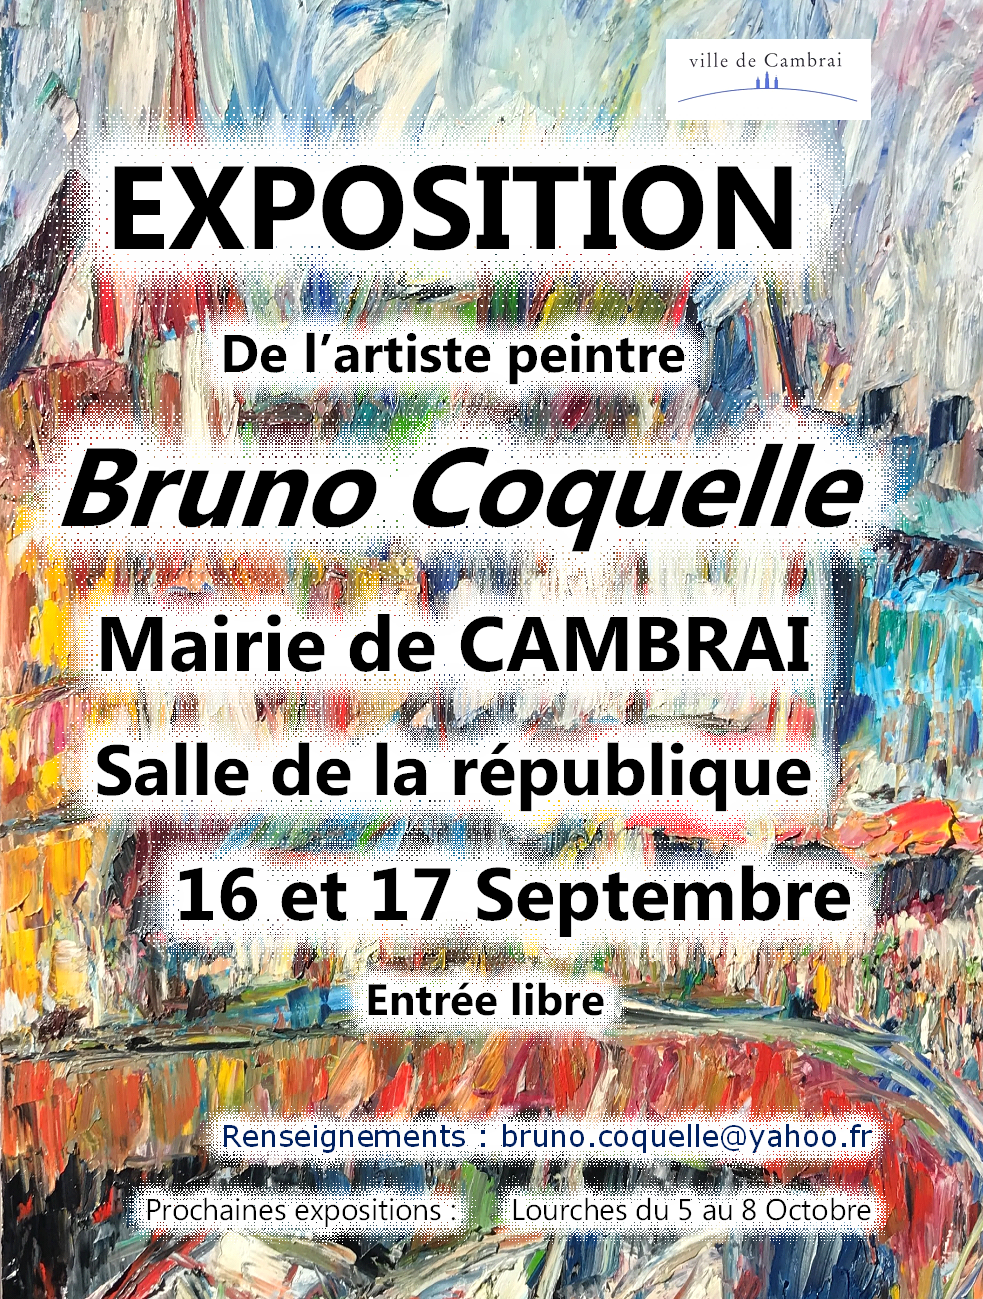 Exposition à Cambrai les 16 et 17 Septembre 2017